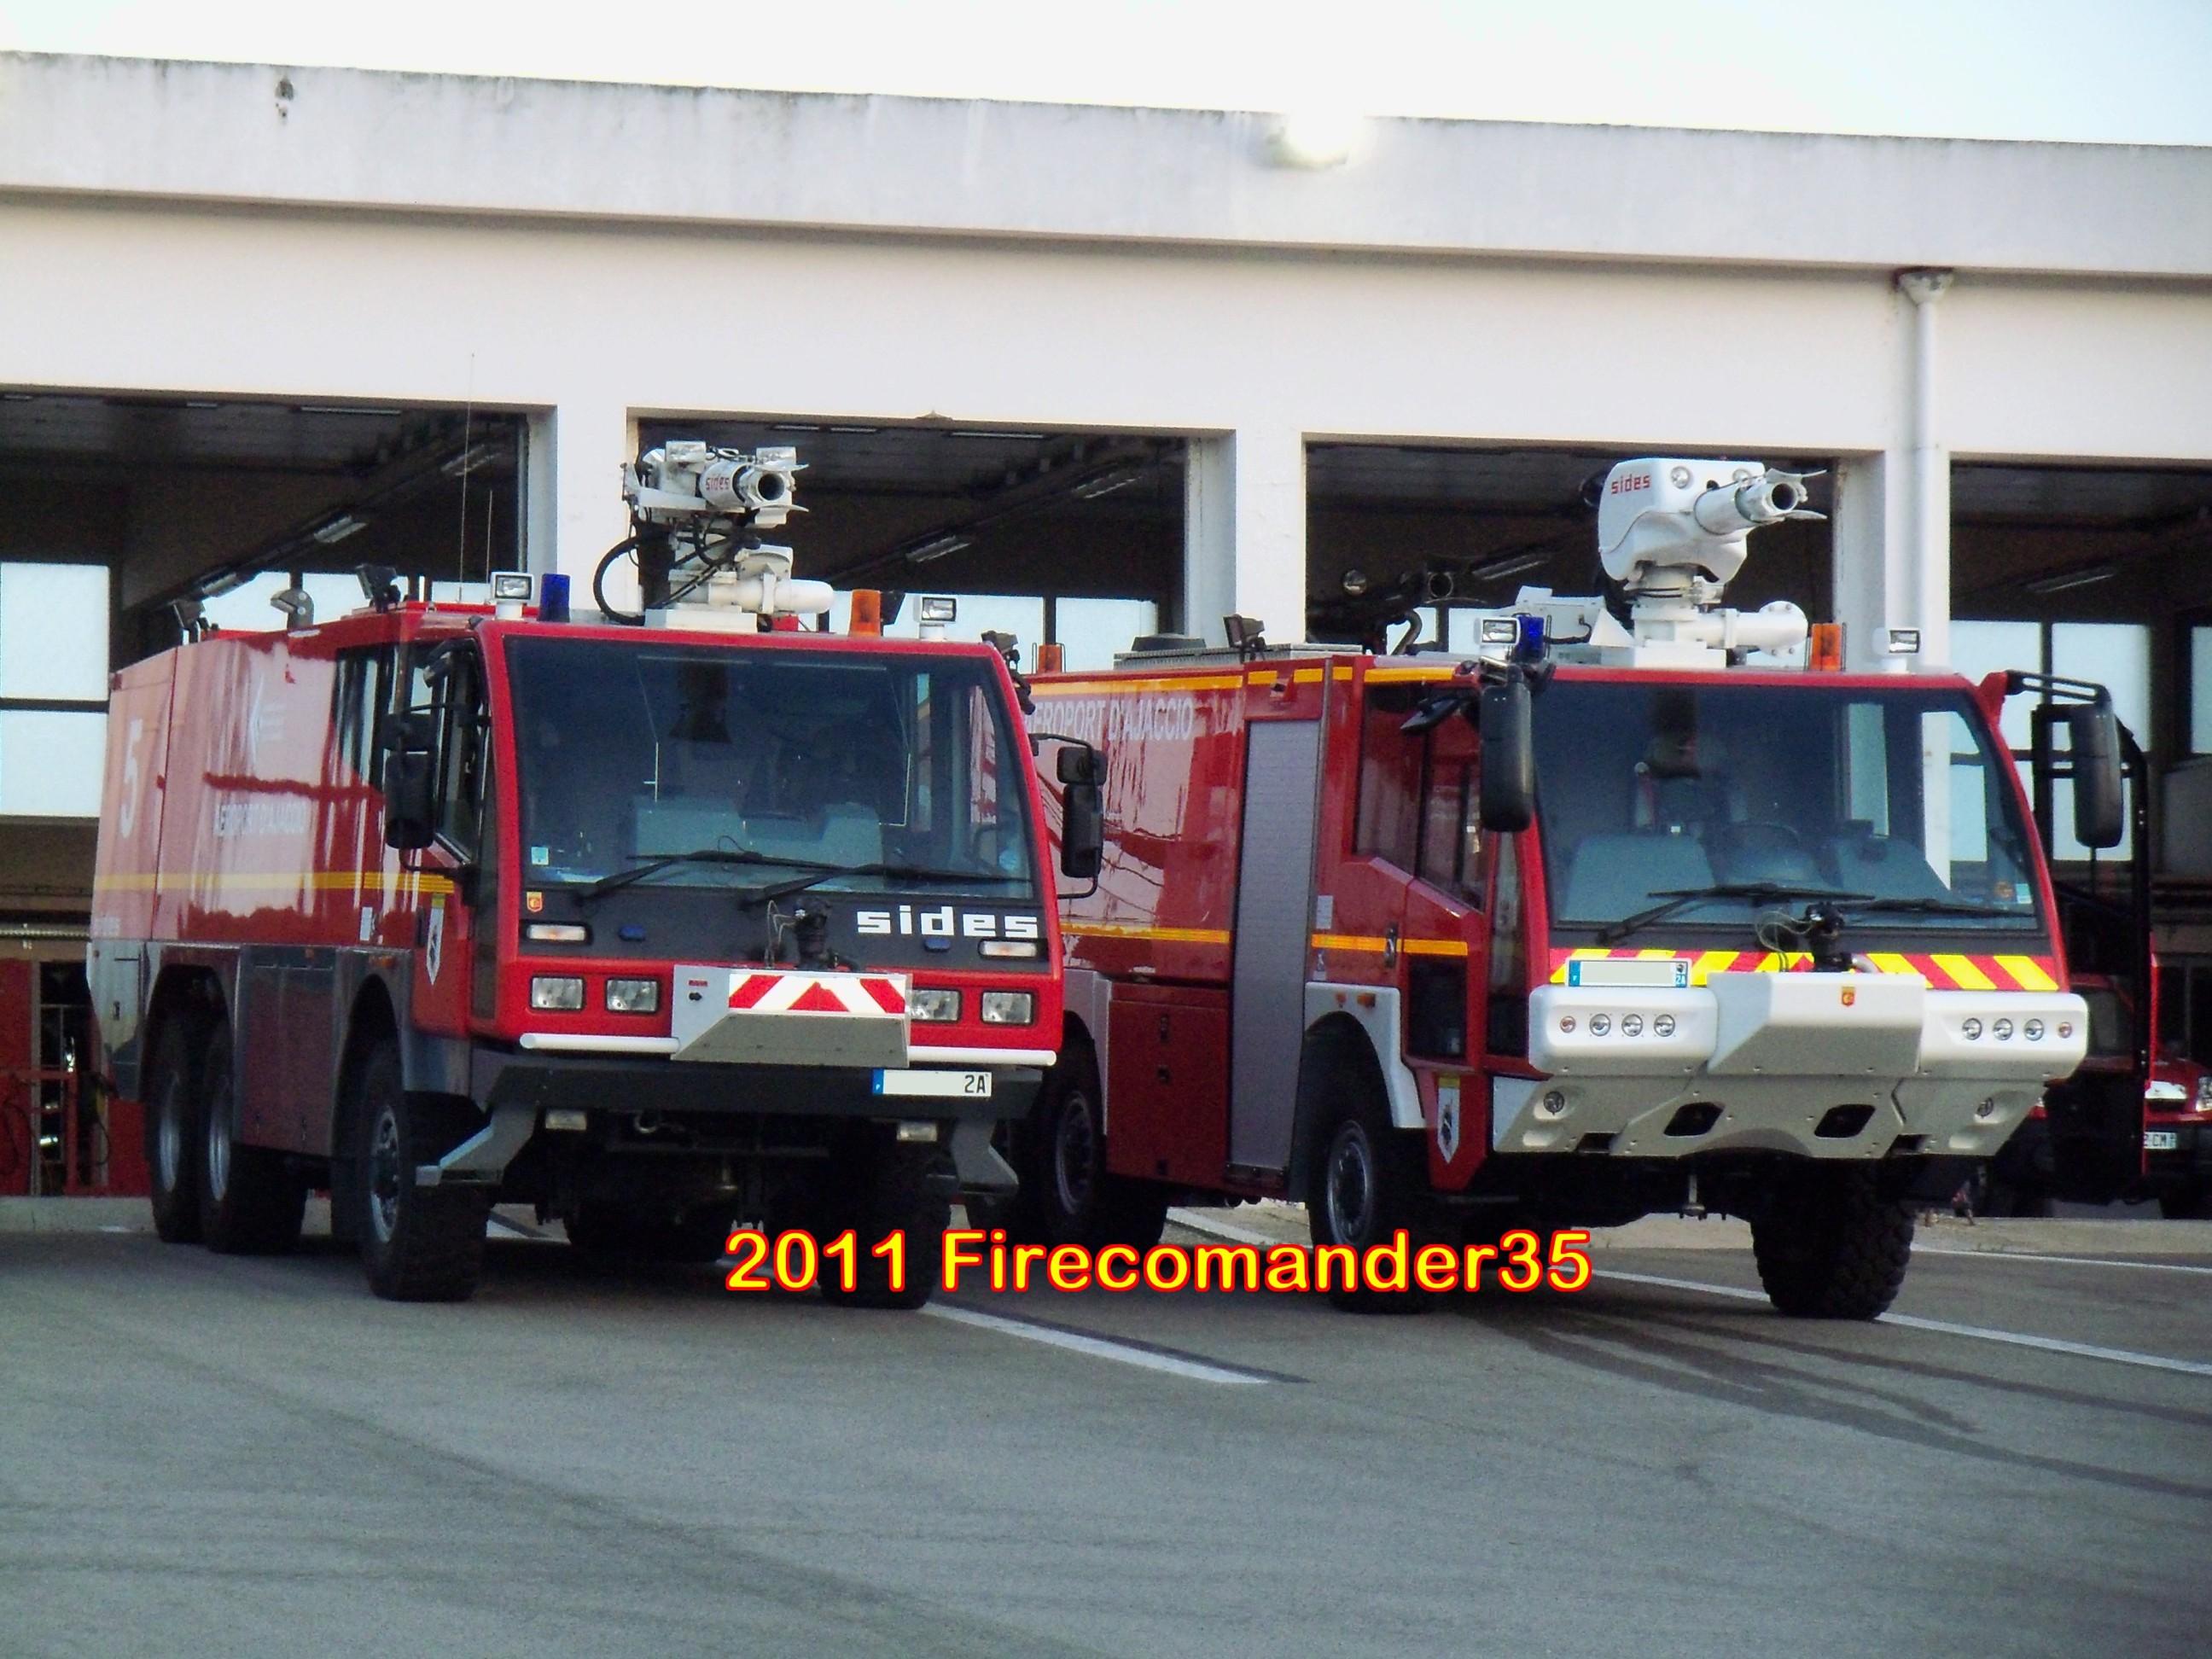 V hicules des pompiers fran ais page 908 auto titre for Garage htm marignane